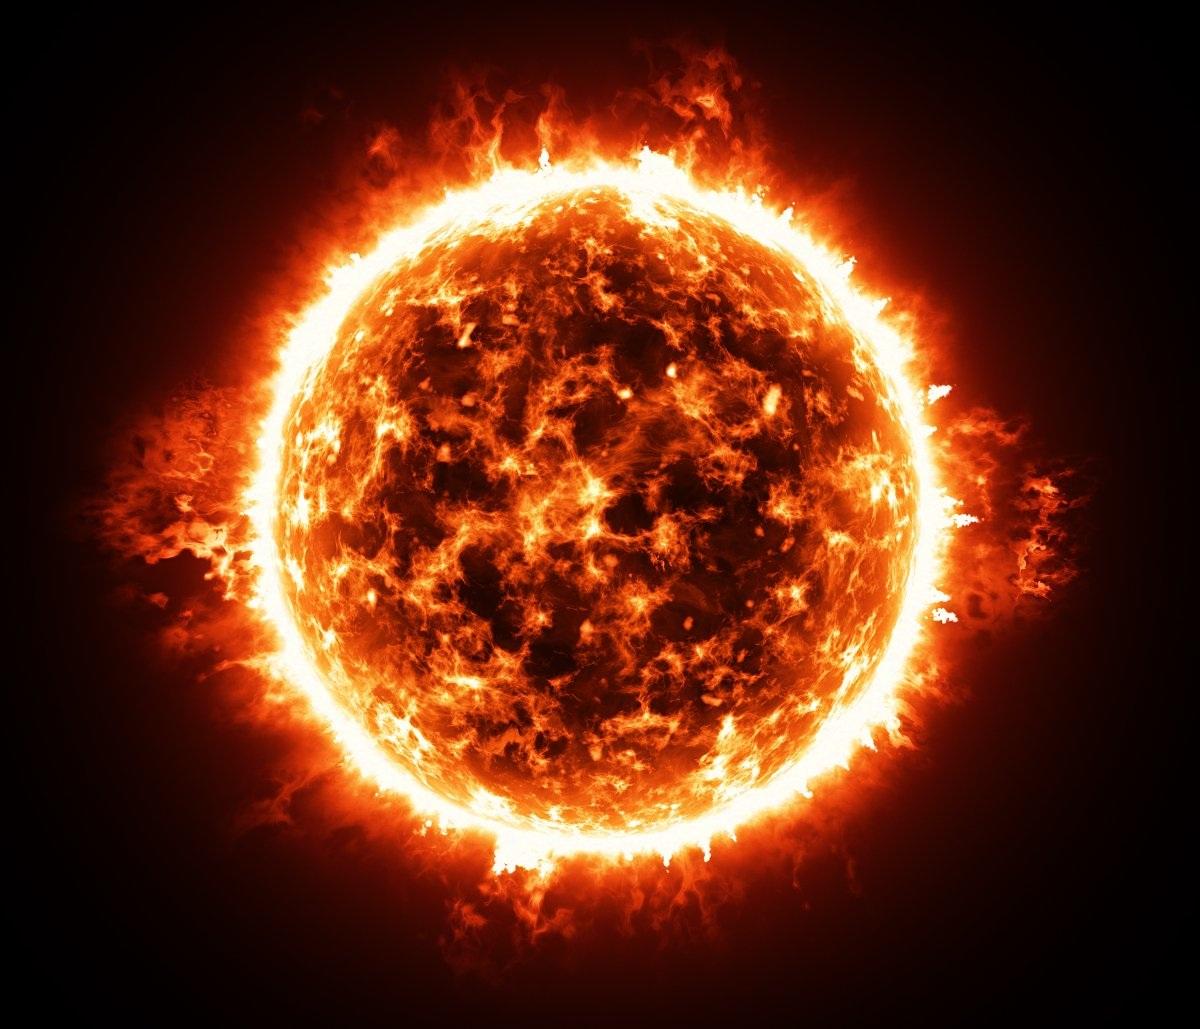 Mặt Trời có lẽ chính là phần quan trọng nhất dẫn đến sự tồn tại mong manh của Trái Đất và loài người chúng ta trong suốt chặng đường phát triển